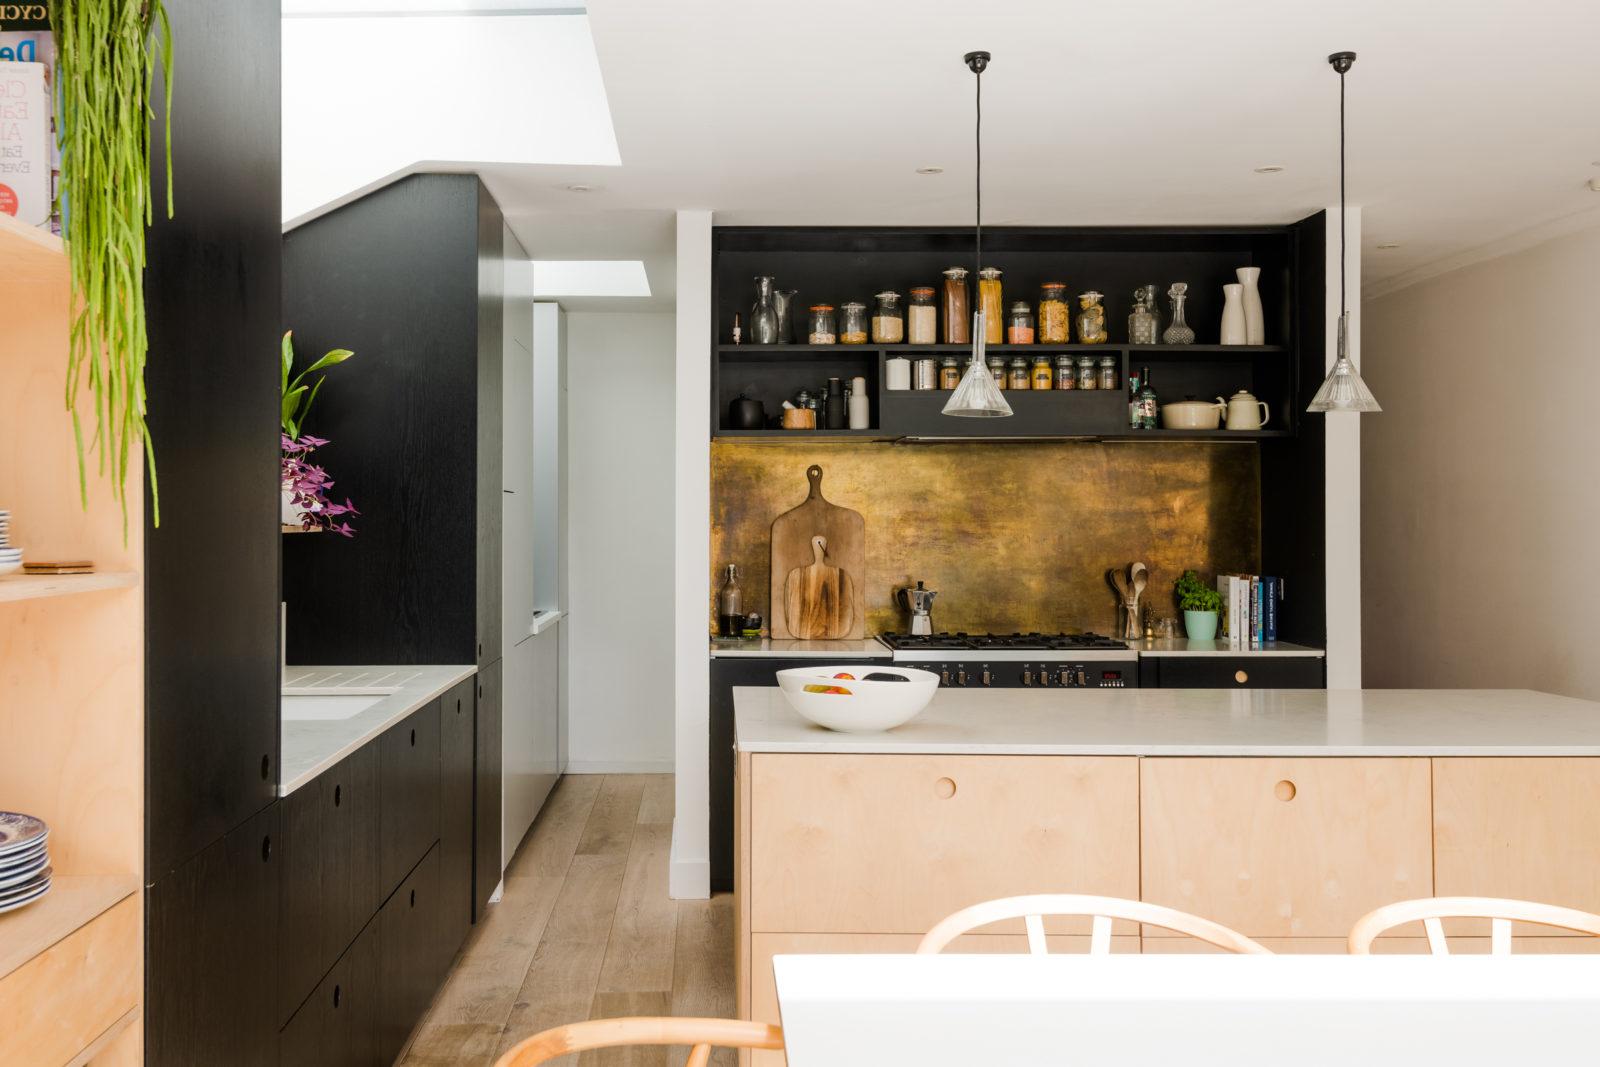 Upland Marble Kitchen Islands inside 2020 For Sale: Upland Road, London Se22